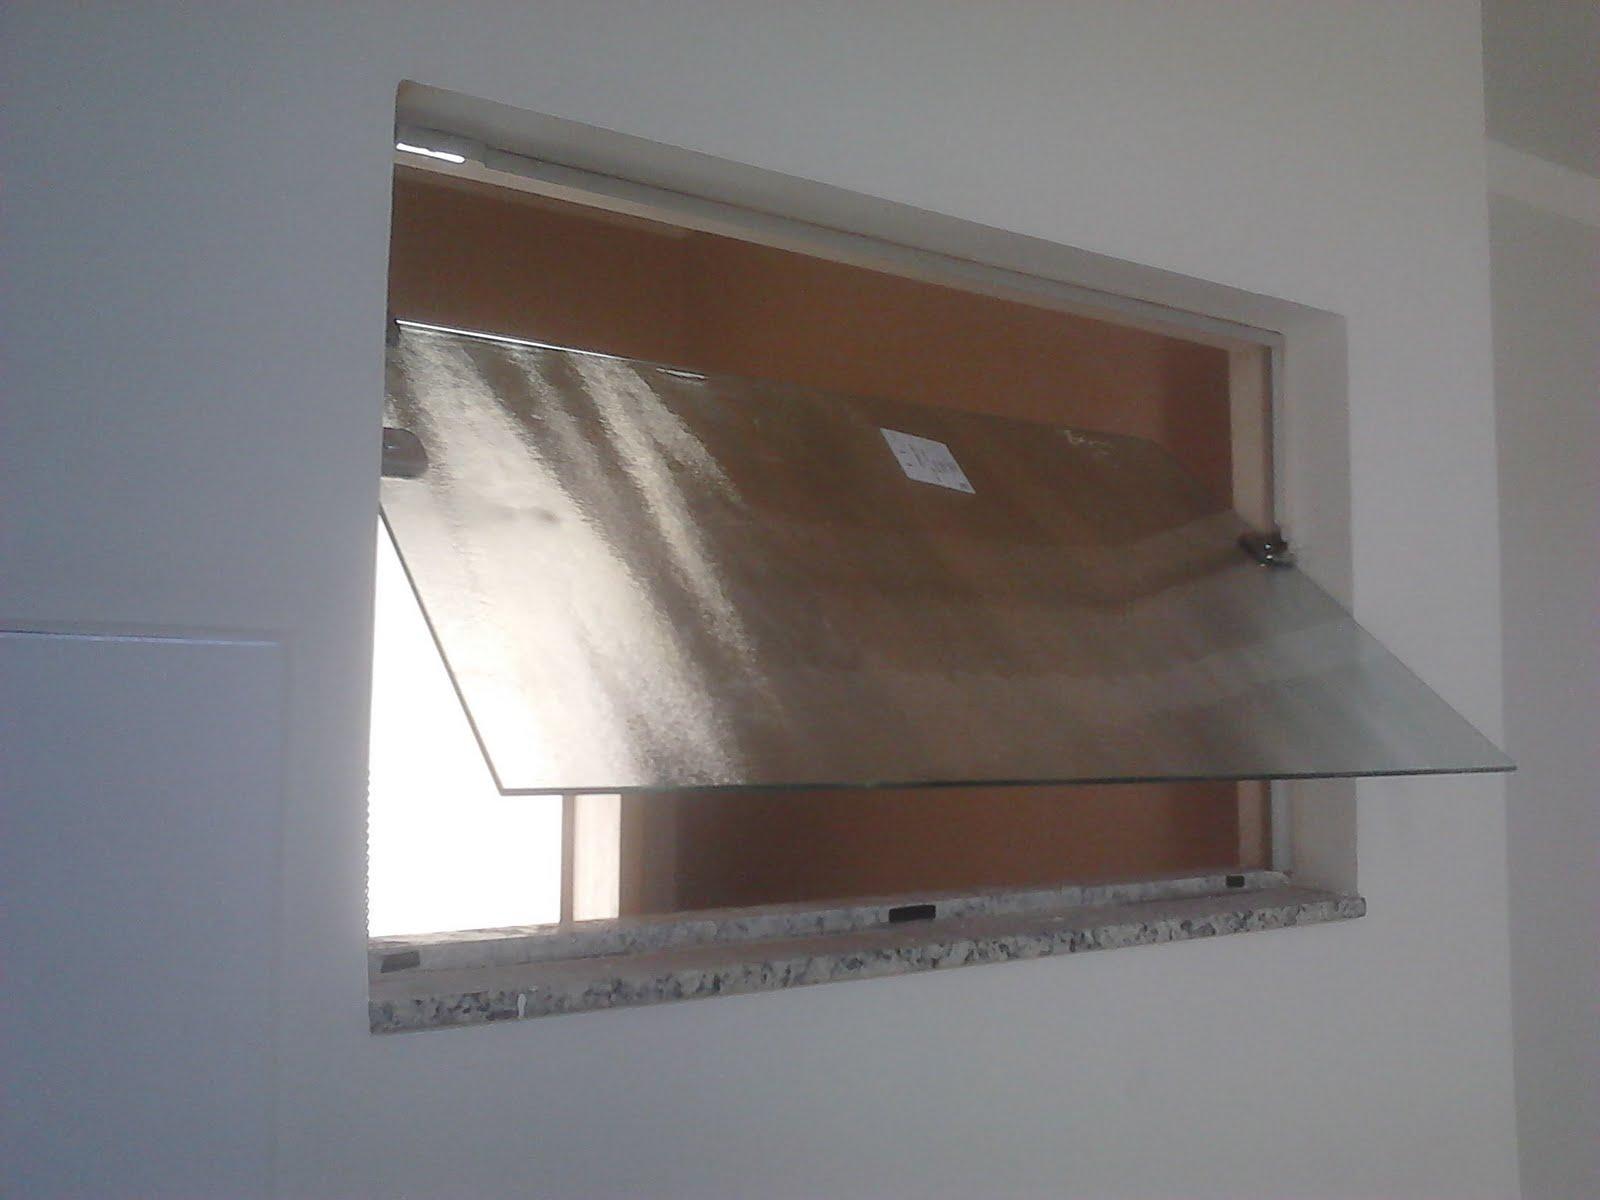 Janela Basculante Para Banheiro em vidro Antílope no detalhe abaixo  #4D3C31 1600 1200